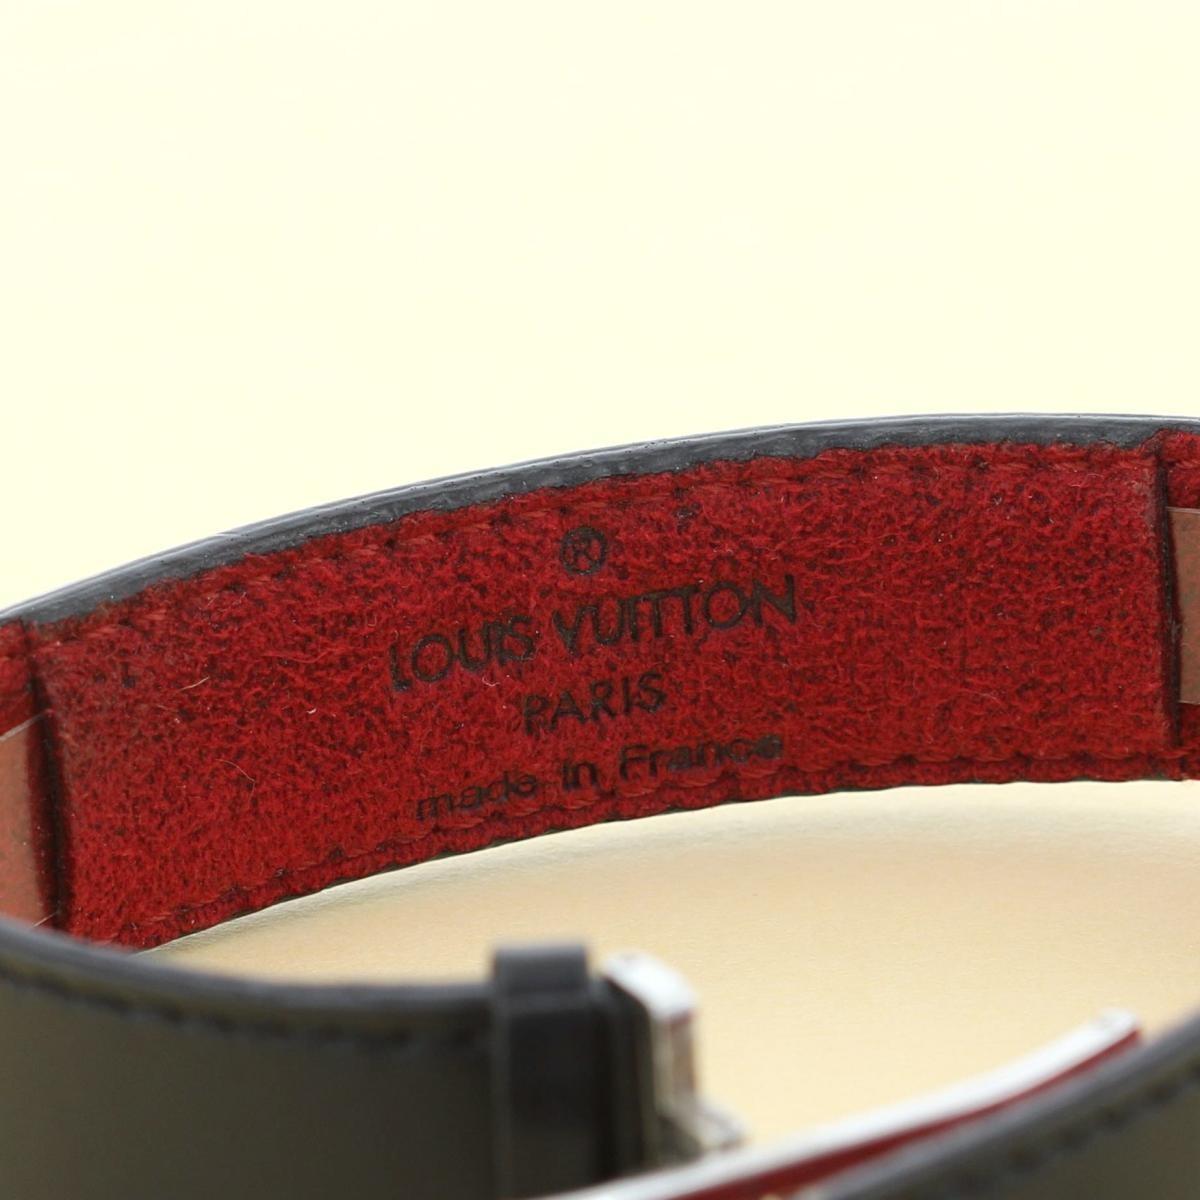 【中古】LOUIS VUITTON ルイヴィトン グッドラック・ブレス ブランドジュエリー ブレスレット/バングル/アンクレット  Black/ブラック M64447 used:B